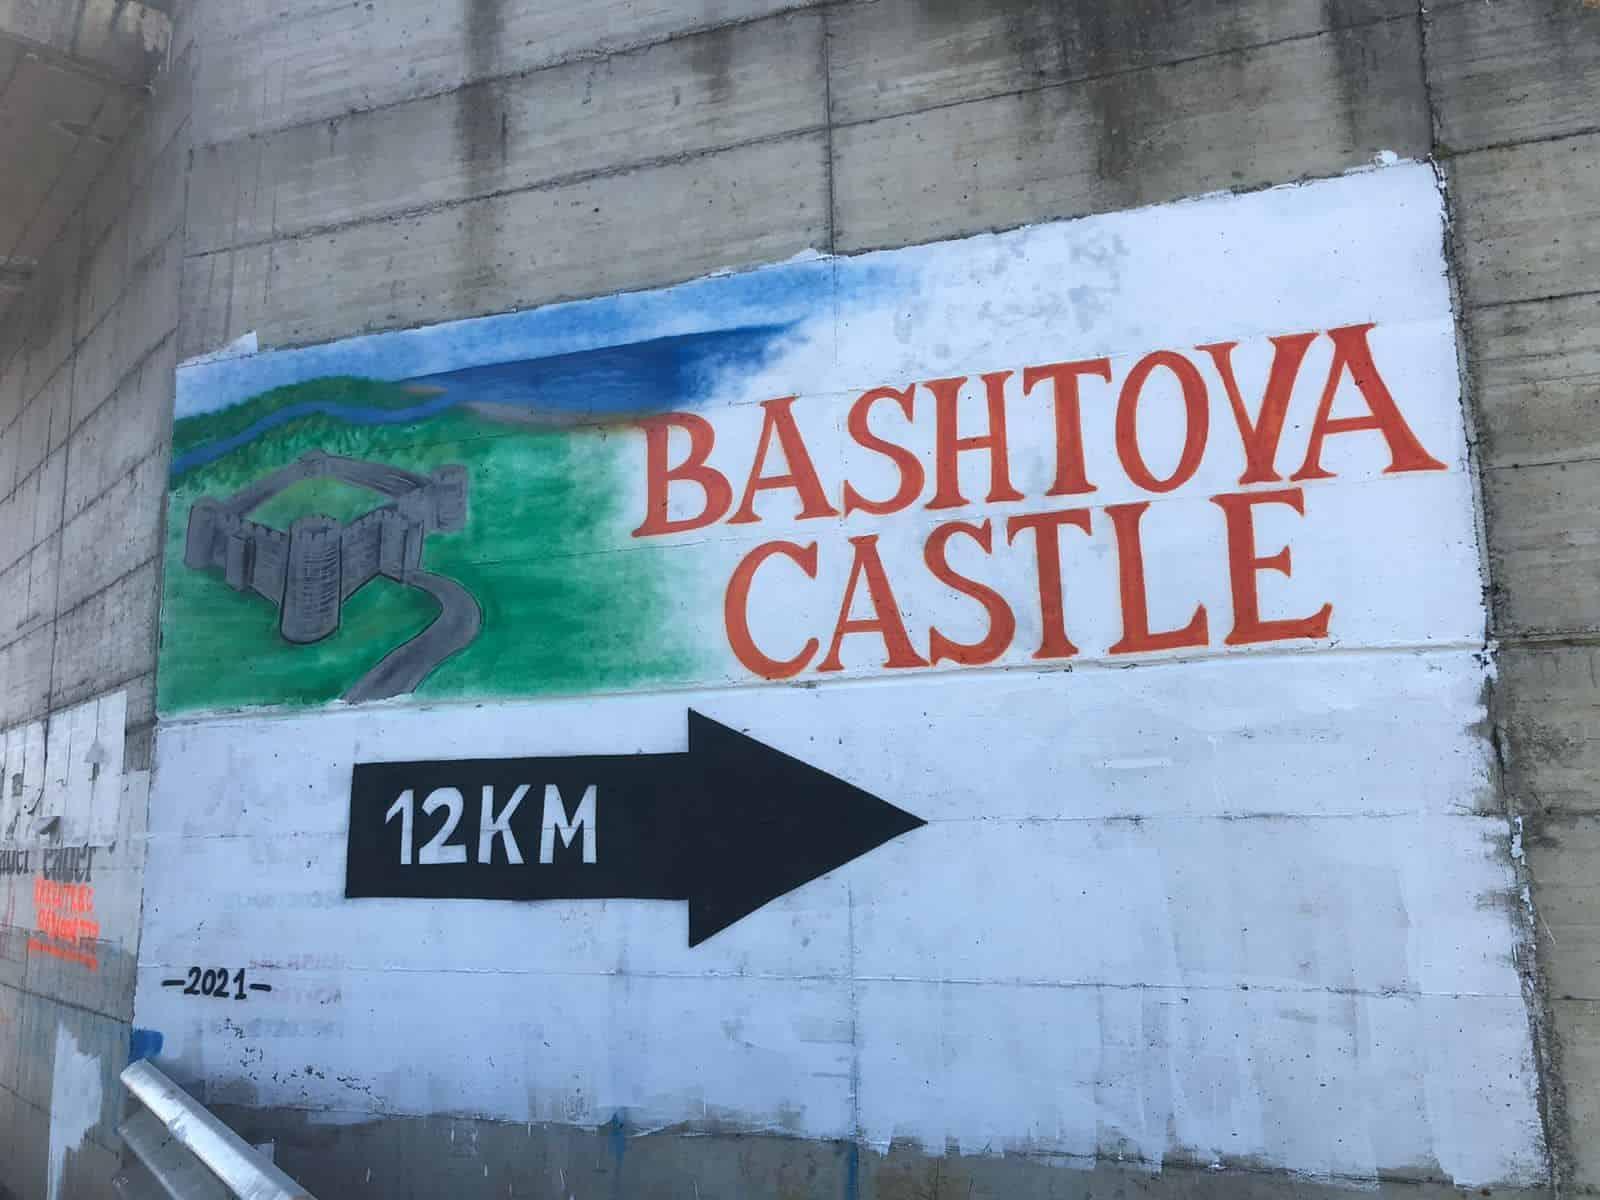 Nuk e bëjnë institucionet, të rinjtë të orientojnë me një murale për te Kalaja e Bashtovës